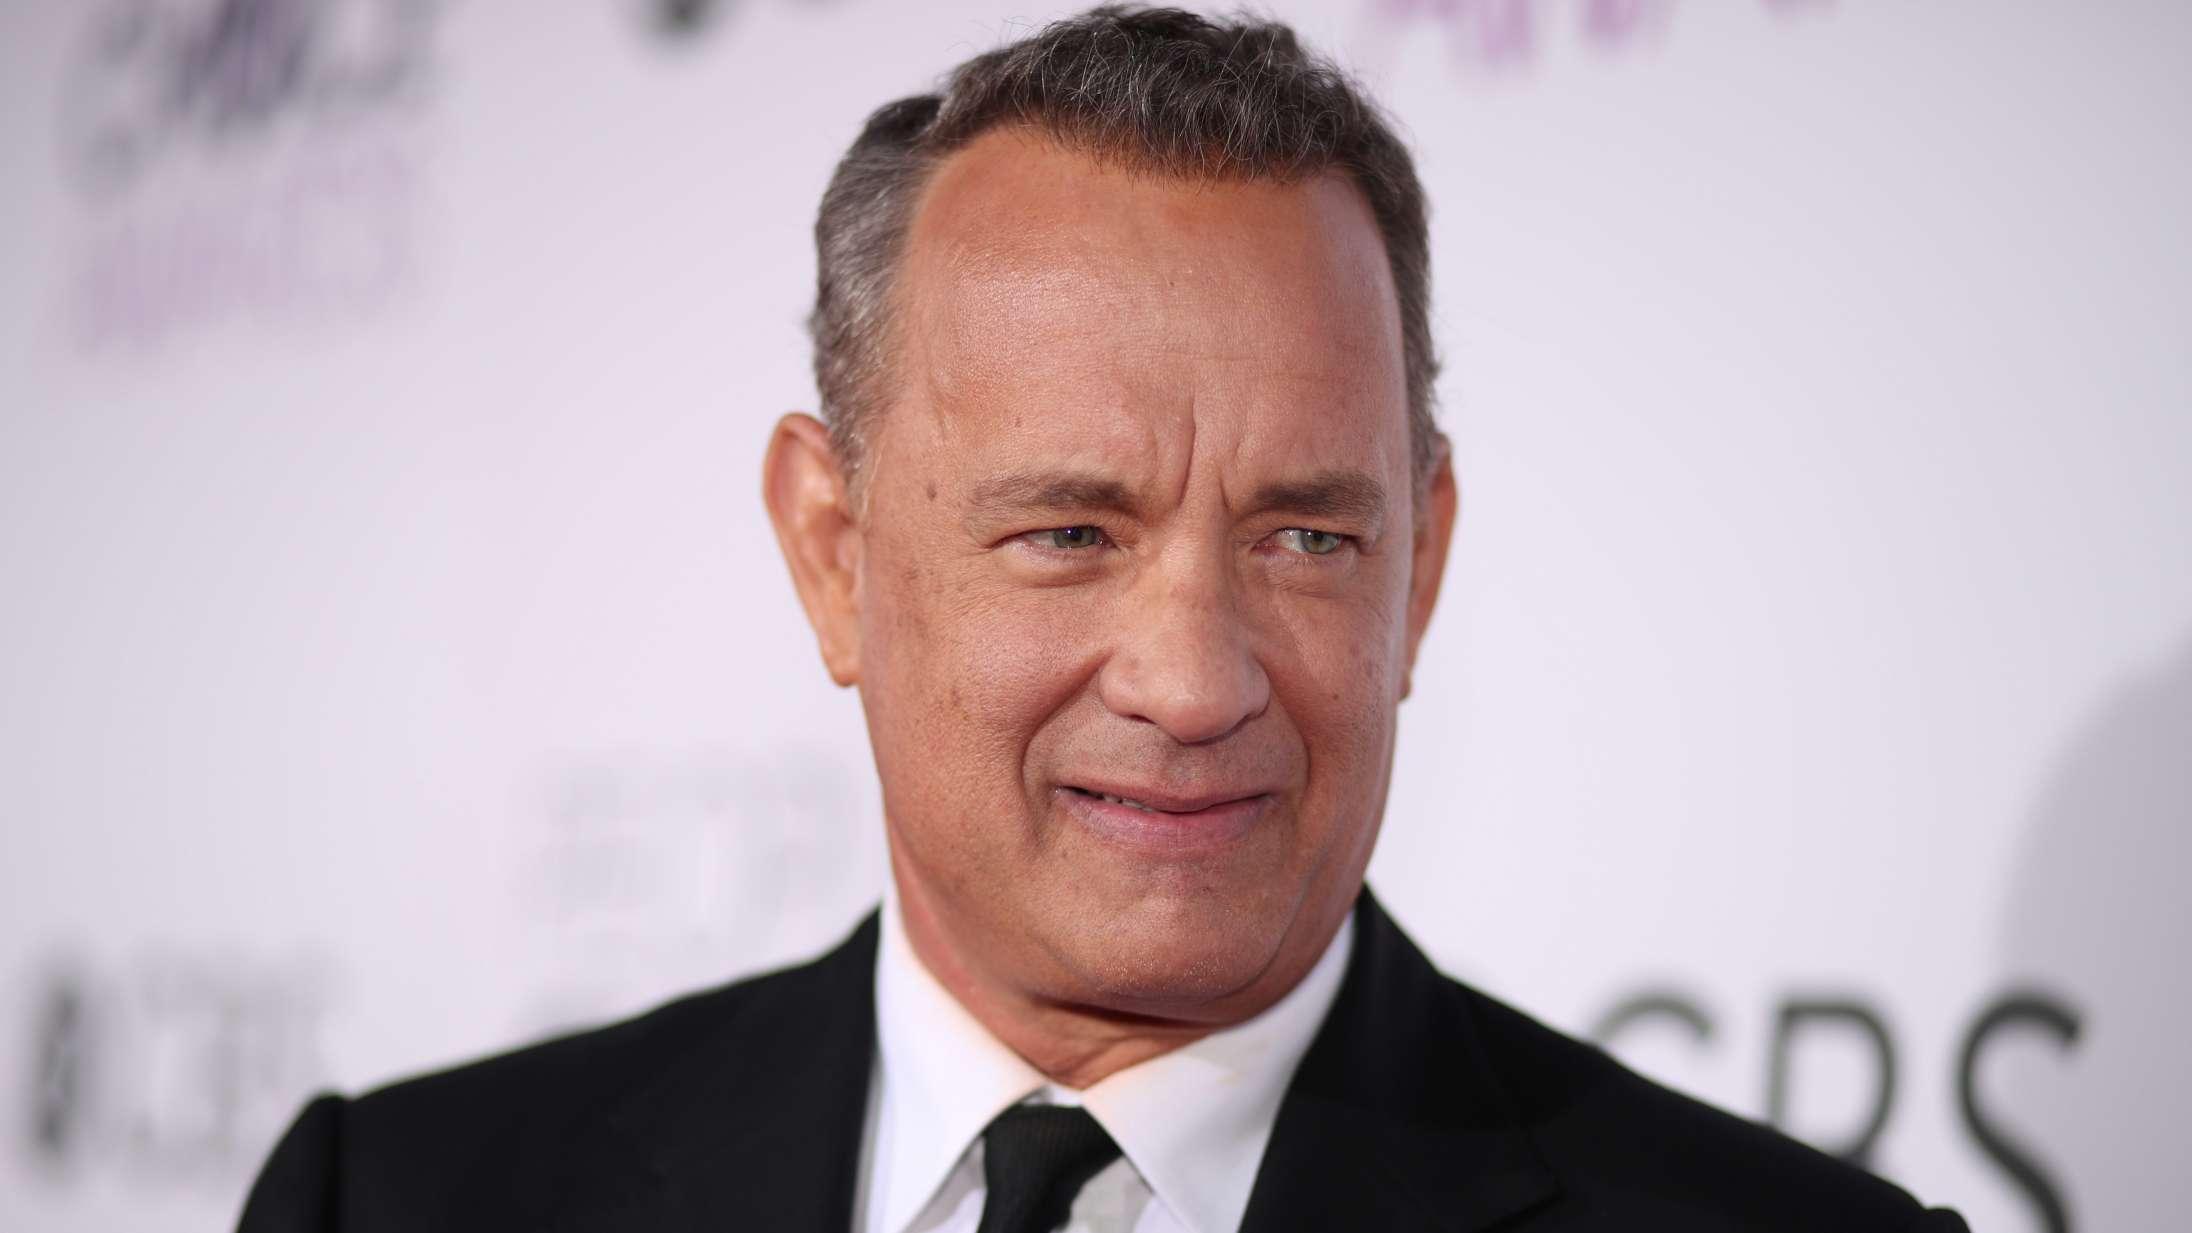 Tak for samfundssindet, Tom Hanks